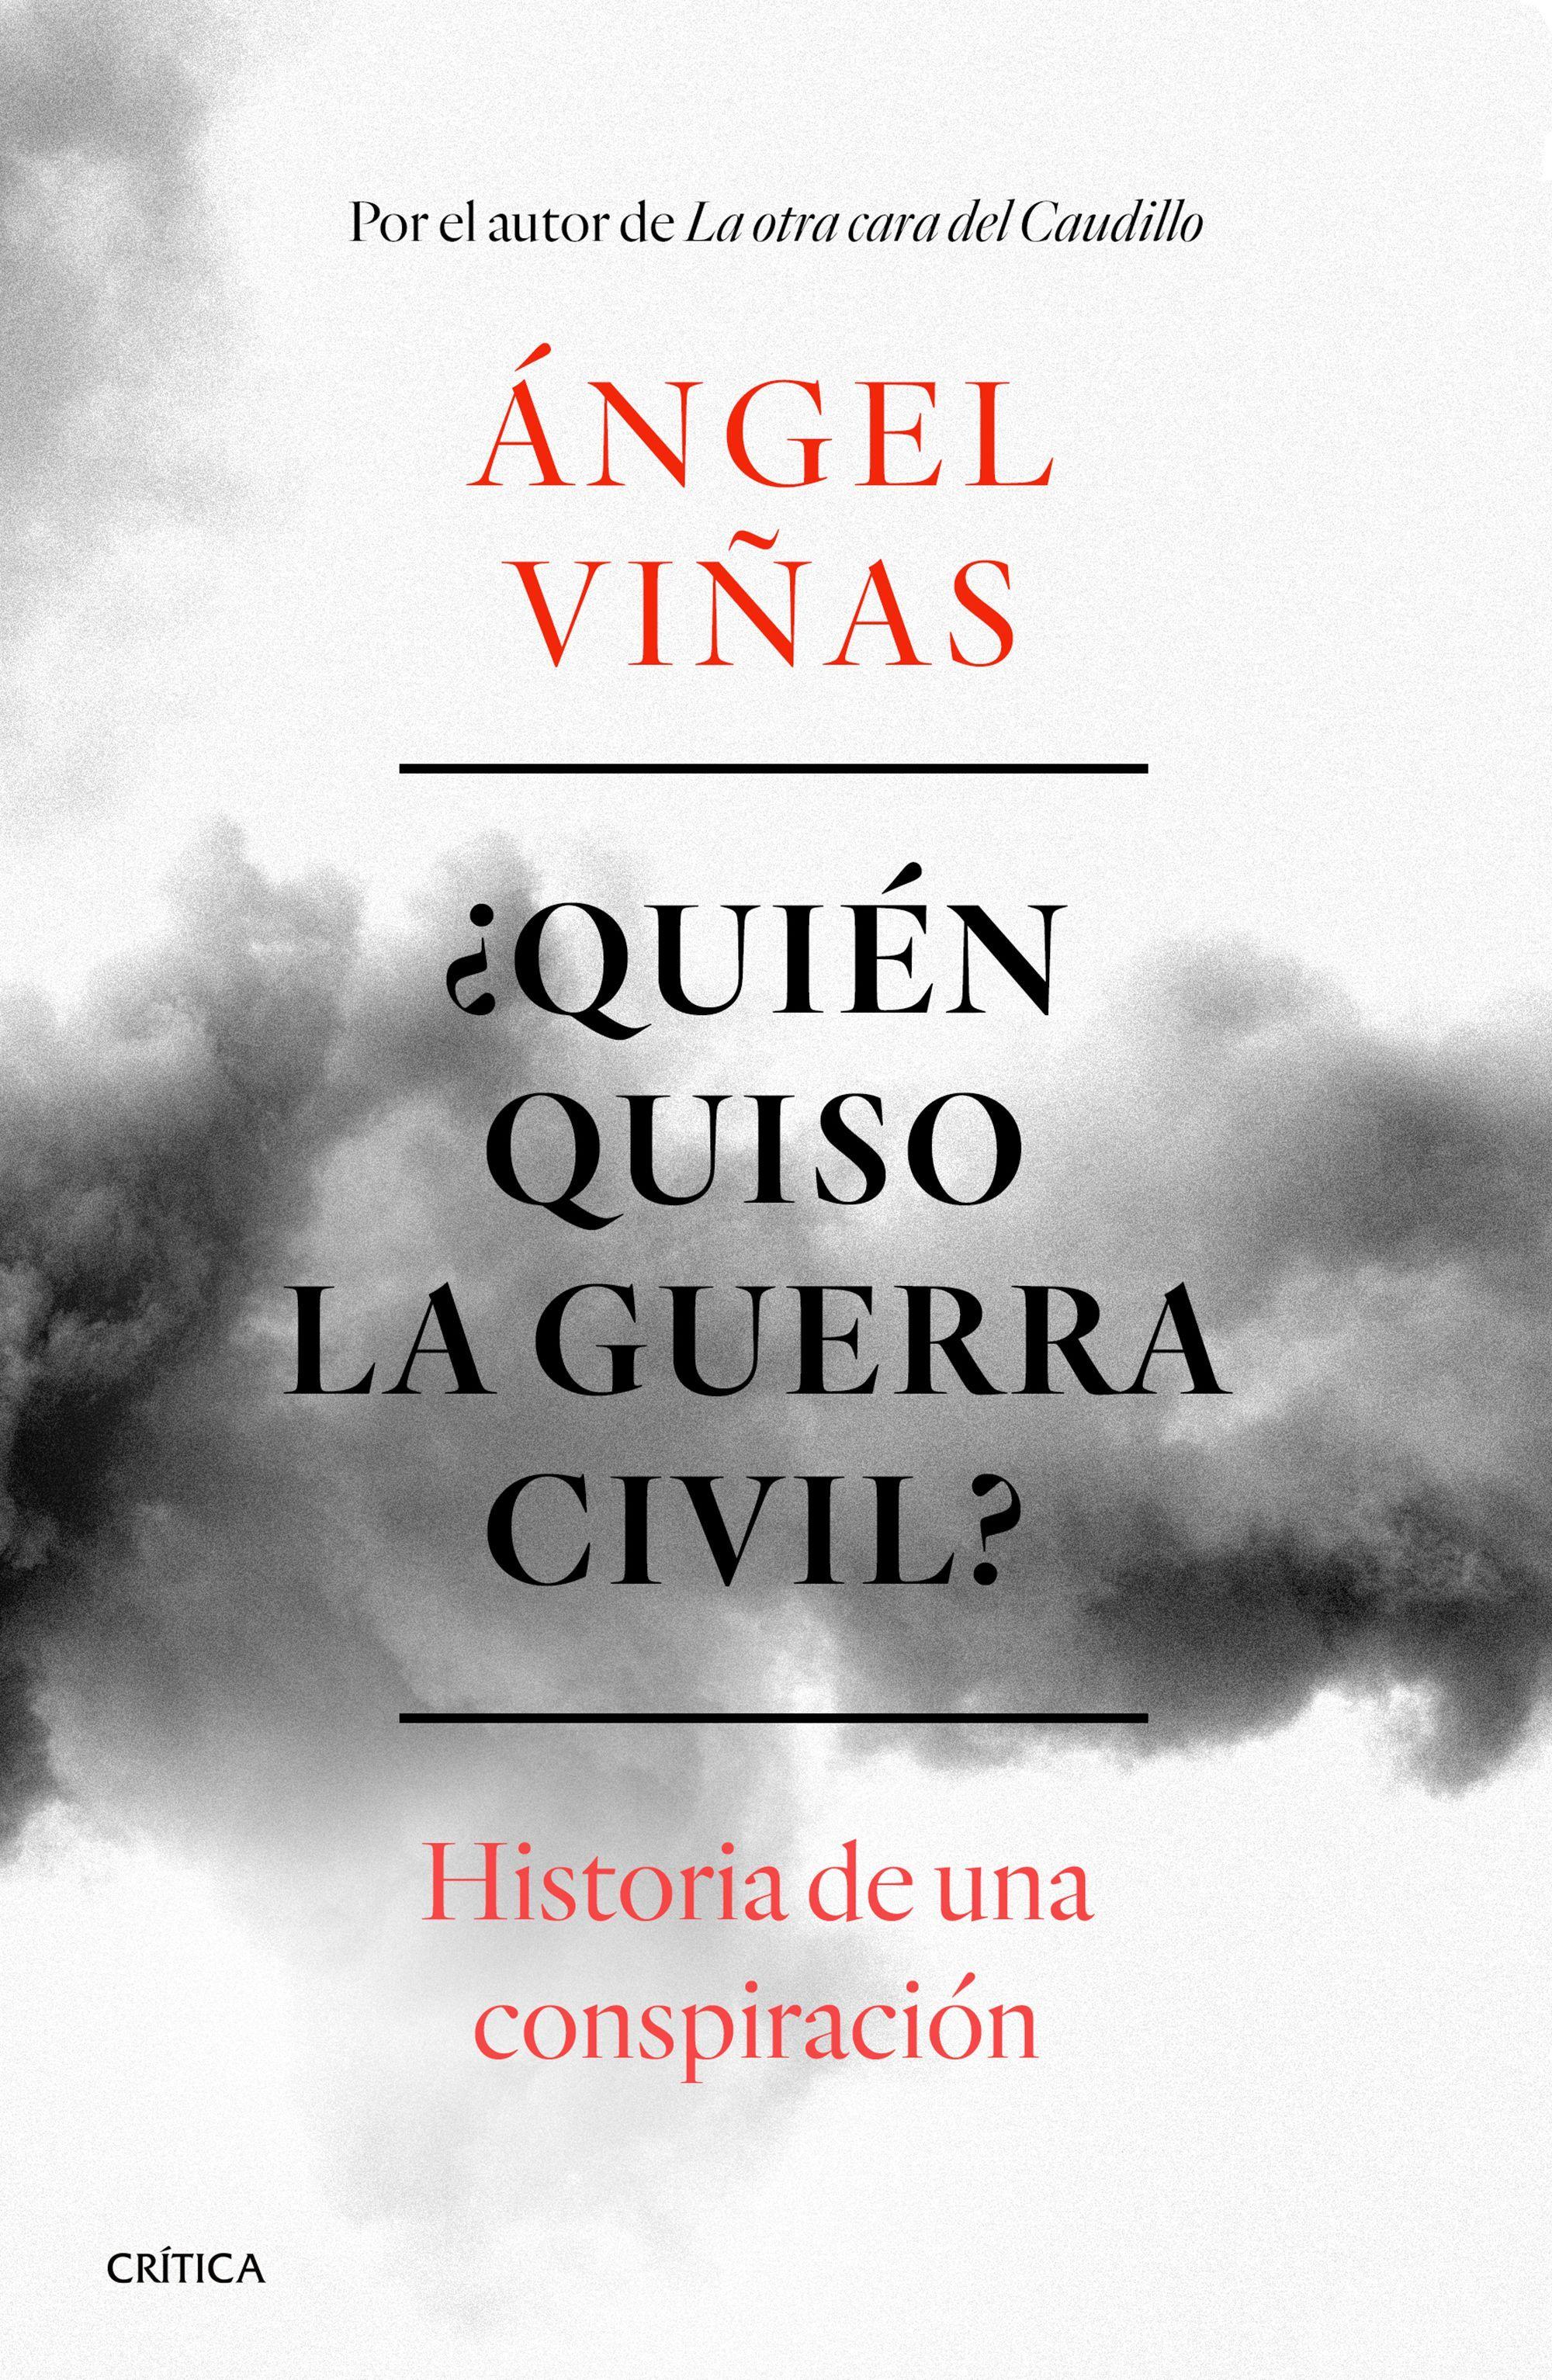 Pin En Libros M U00e1s Vendidos Bestsellers Narrativa Novela Y